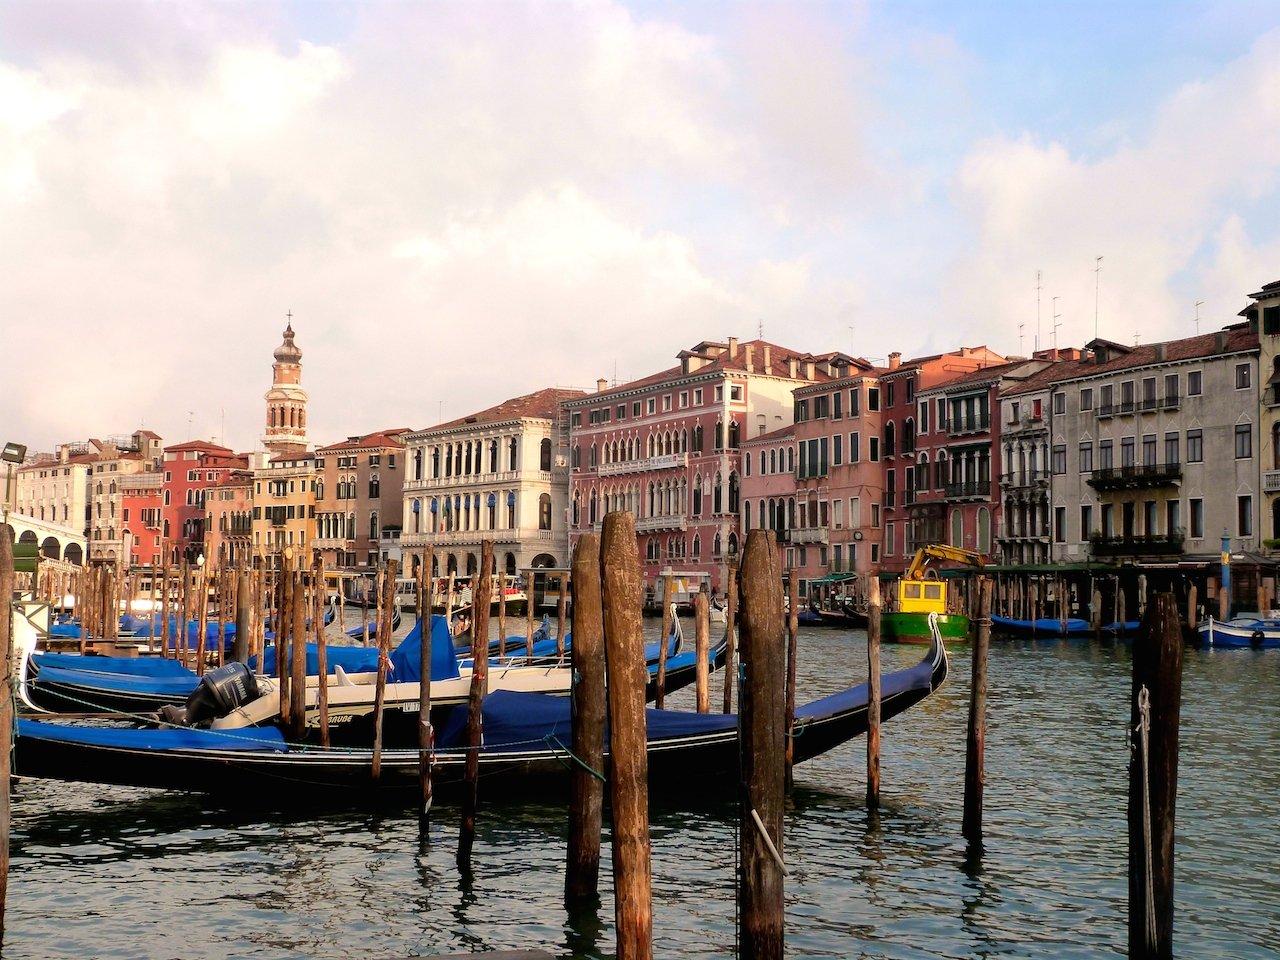 Le Grand Canal de Venise : mes bons plans pour une visite inoubliable